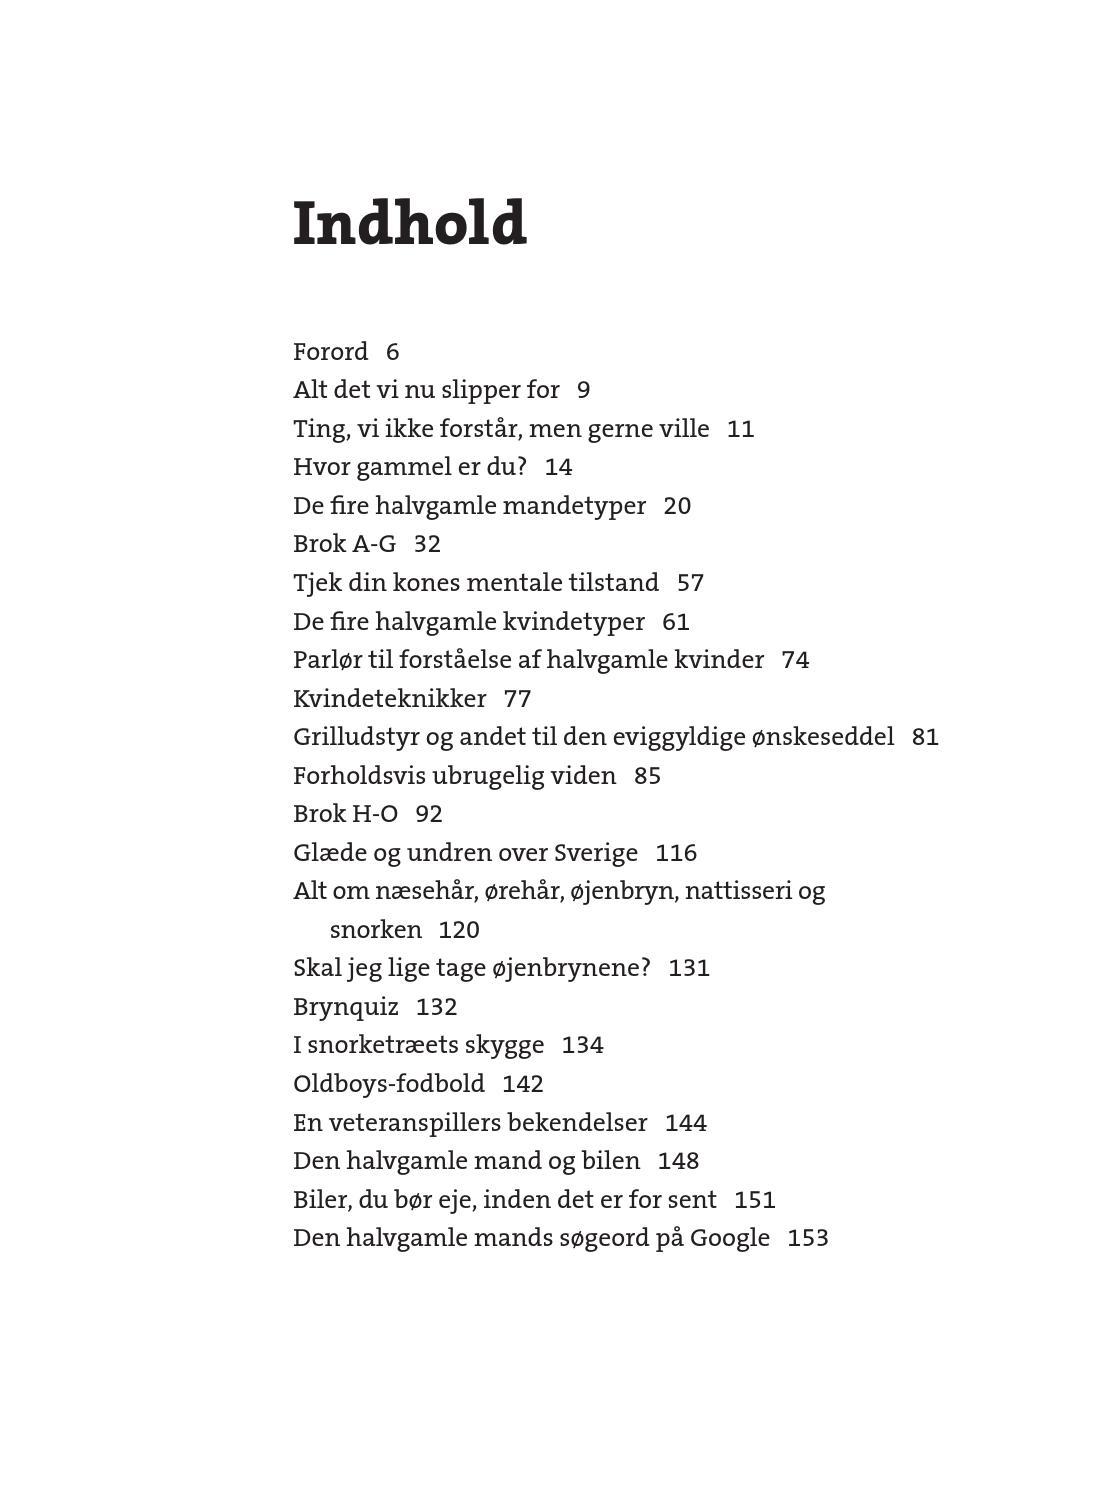 Splinternye Den STORE håndbog for halvgamle mænd by JP/Politikens Forlag - issuu KH-77